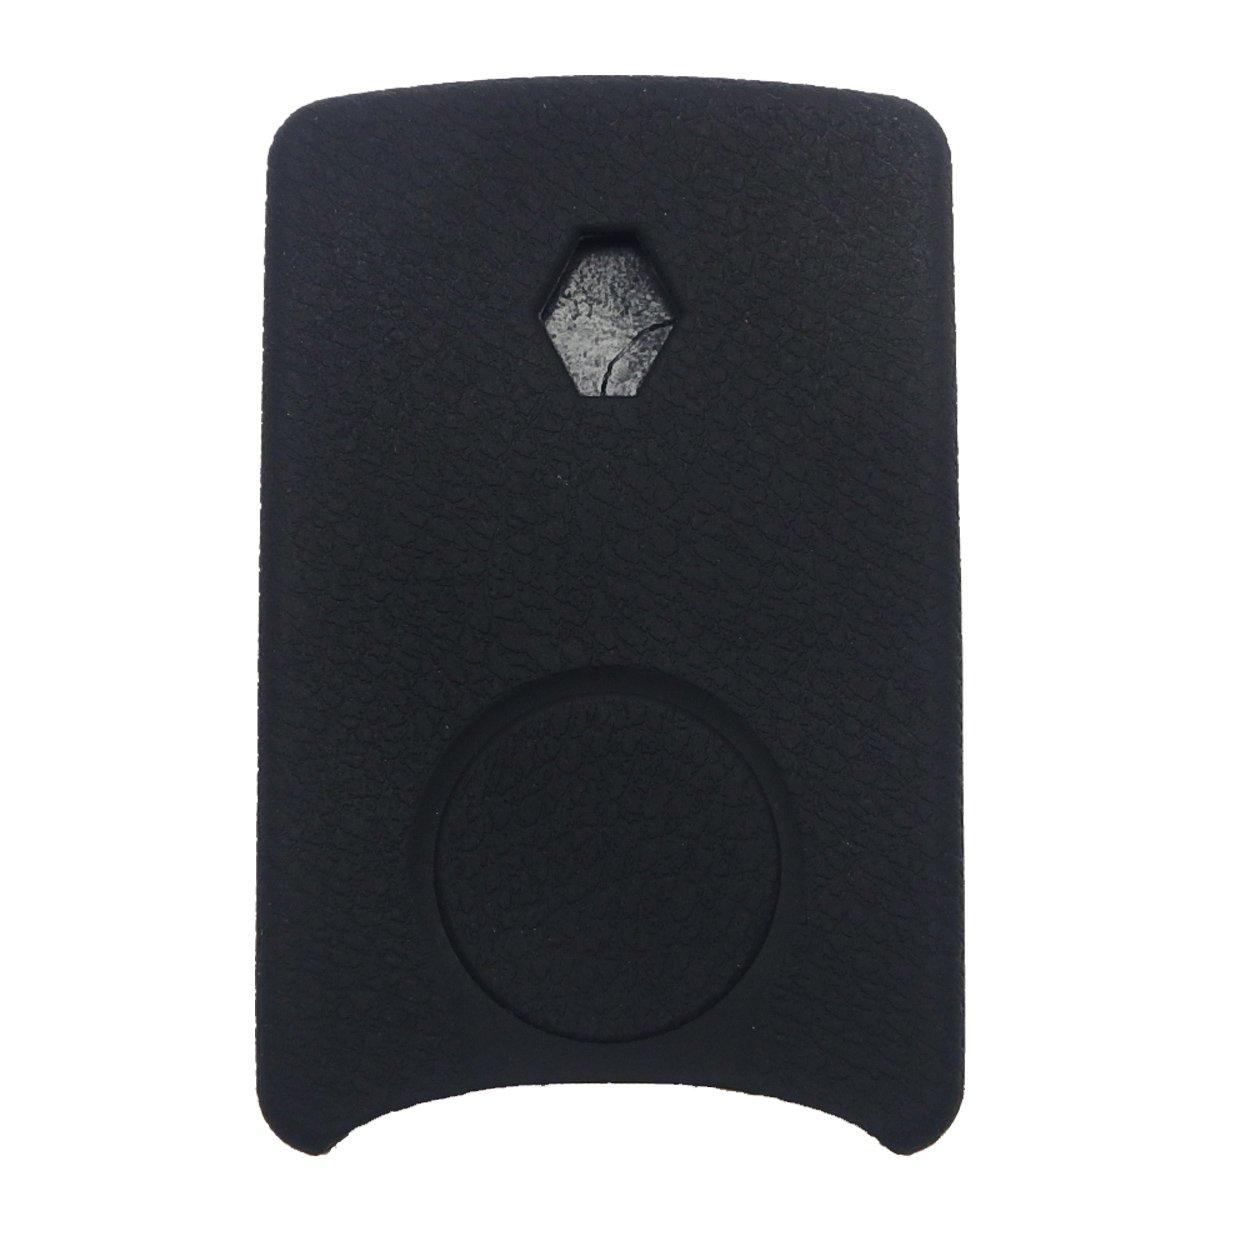 para Renault Laguna con sistema de acceso sin llave Megane Koleos Funda de mando de silicona Coolbestda para llave de coche formato tarjeta negro 4 botones